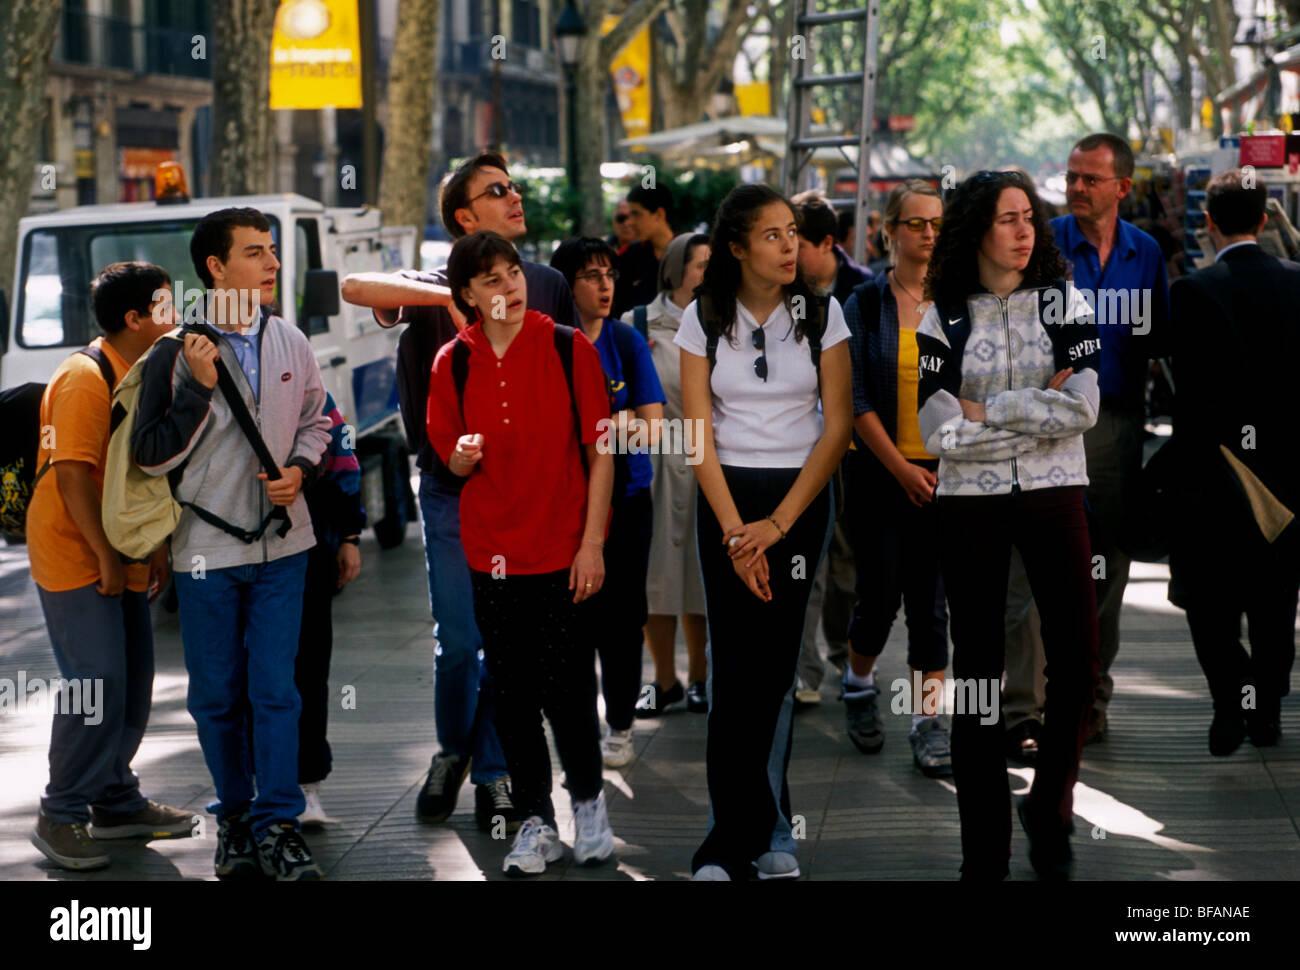 Spaniards Spaniard Spanish People Spanish Girls